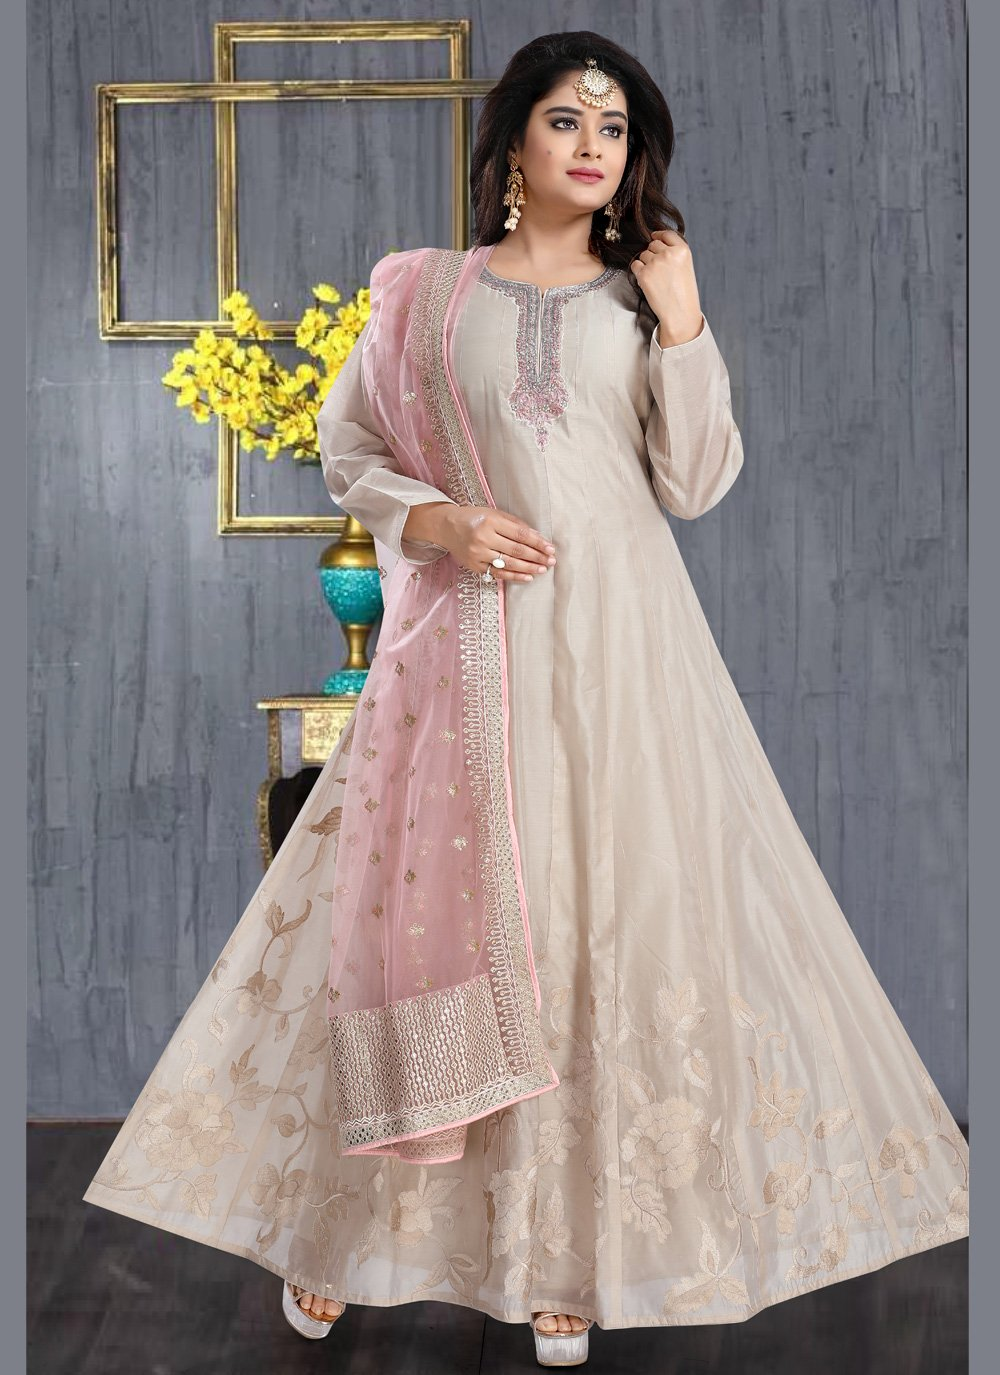 Silk Resham Anarkali Salwar Suit in Cream